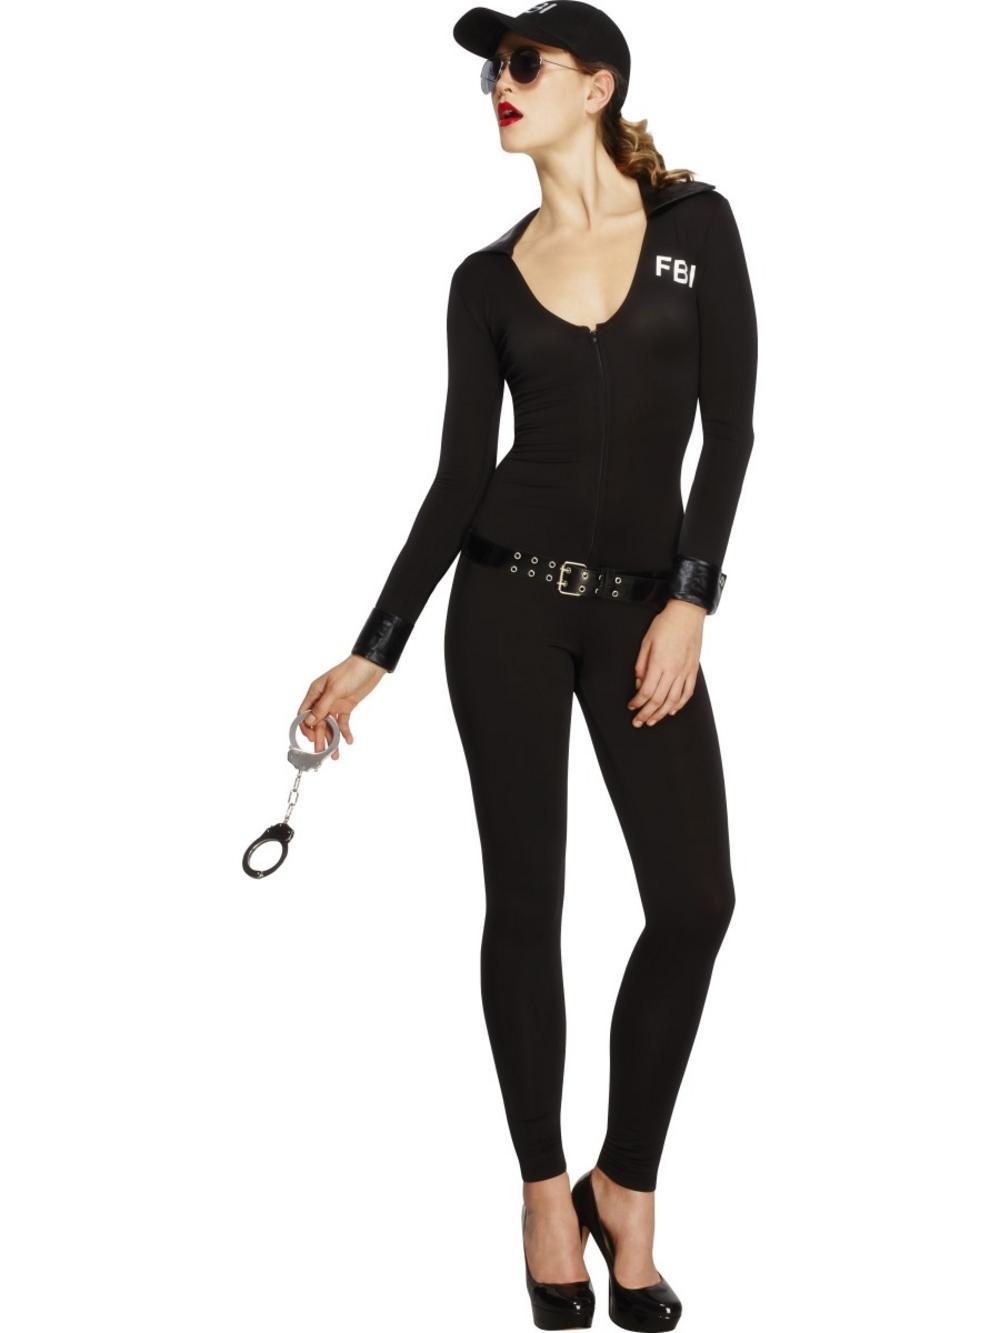 Fever FBI Flirt Ladies Costume